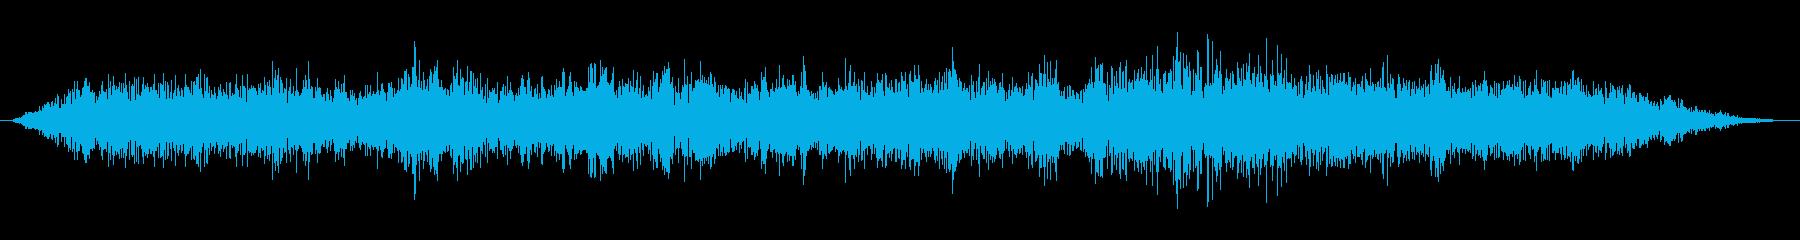 暗黒魔法(ブラックホール発生)の再生済みの波形